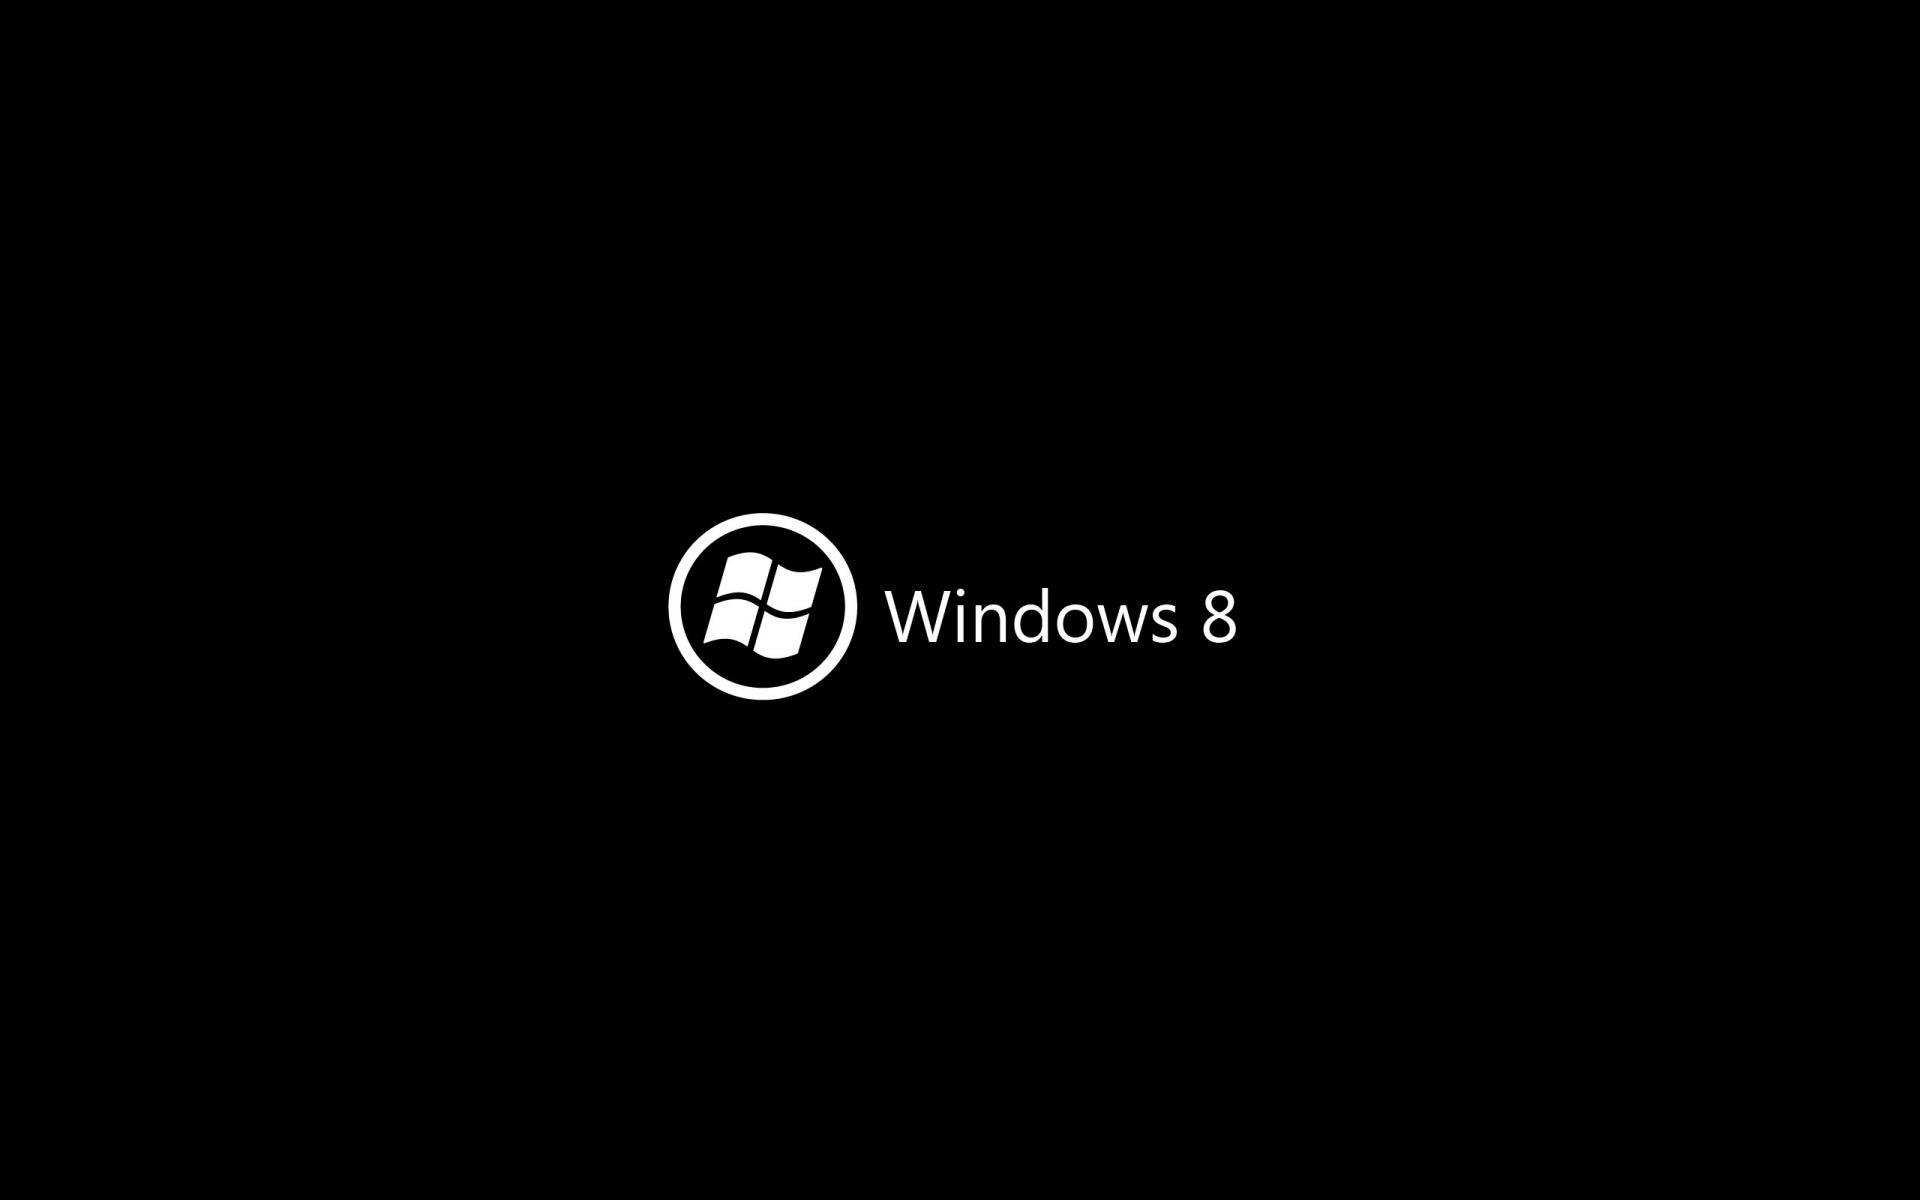 1920x1200 Windows 8 Dark Background Logo Wallpaper Background 1920x1200